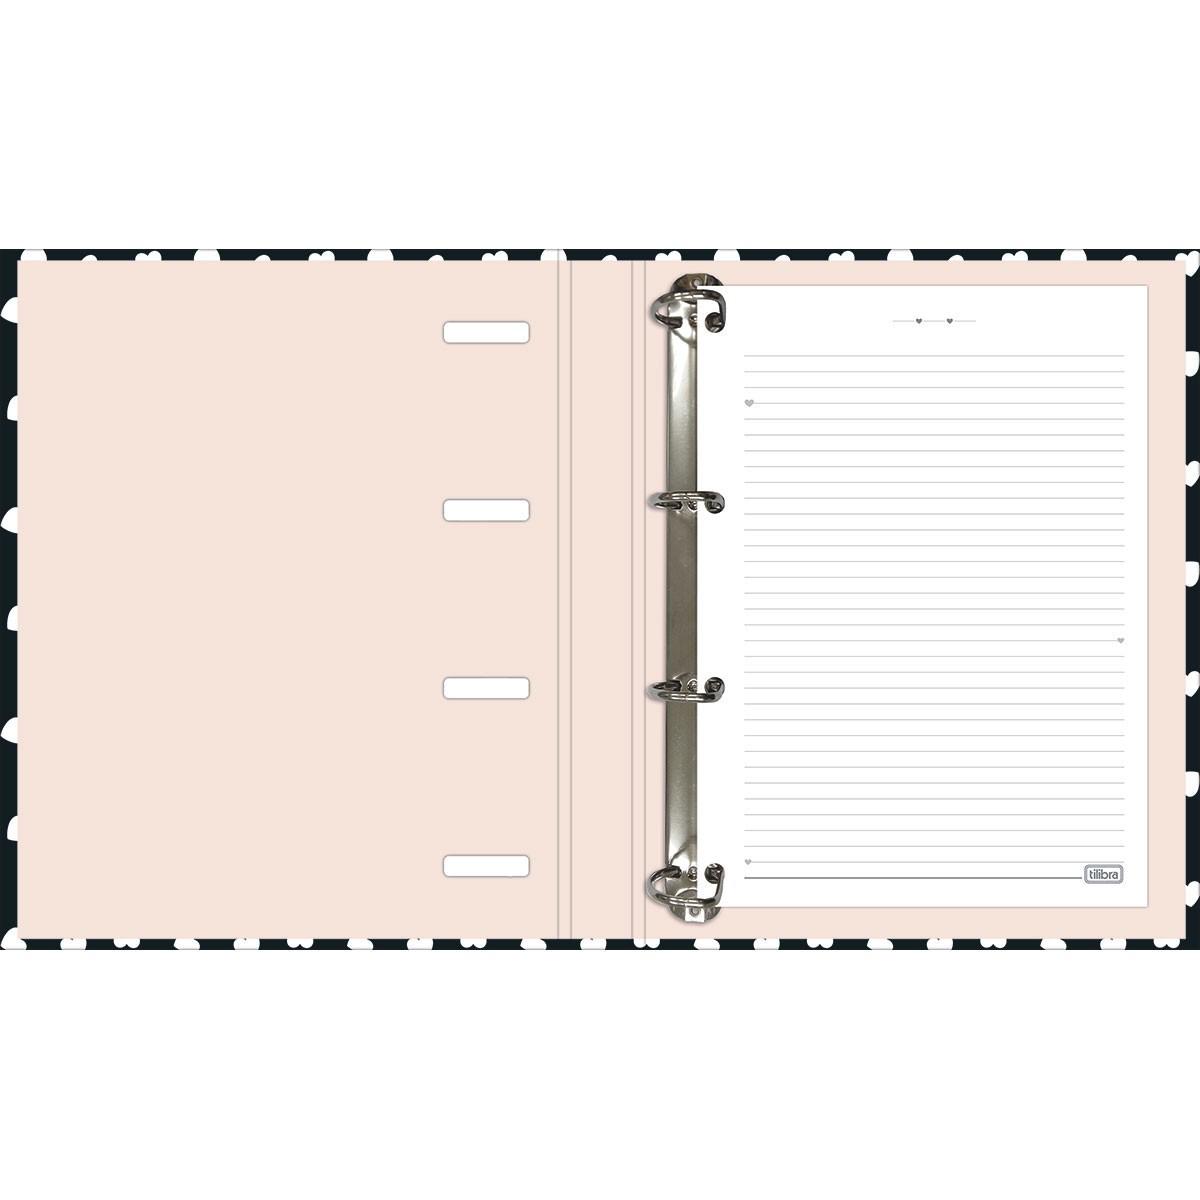 Caderno Tilibra Argolado Com Elastico West Village 80 Fls 230472 27830